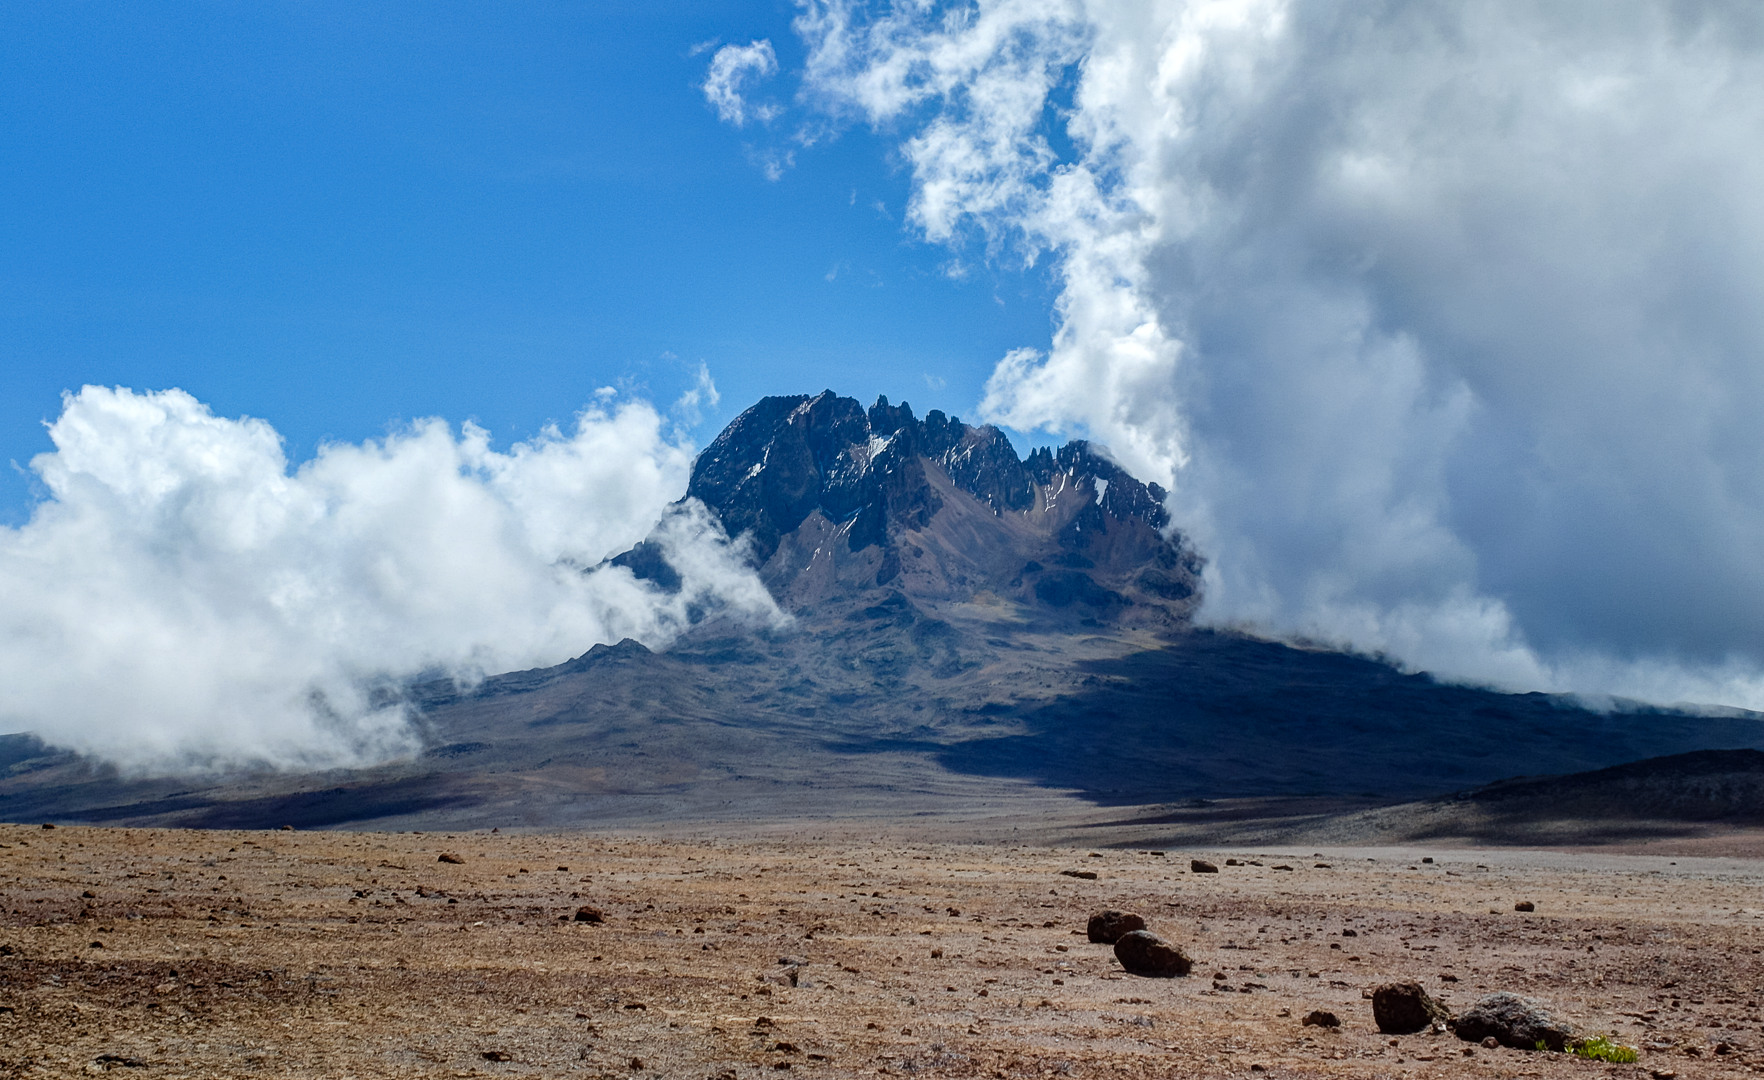 Пик Мавензи, Килиманджаро